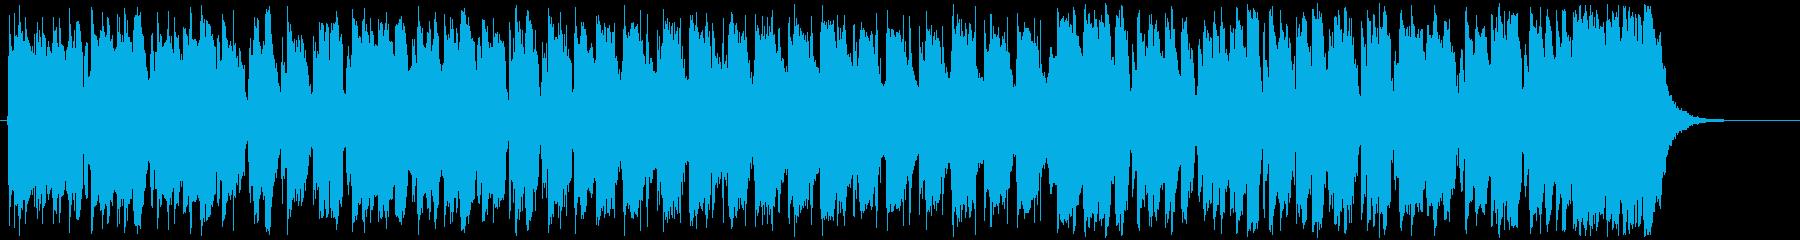 アップビート、アップテンポシャッフ...の再生済みの波形